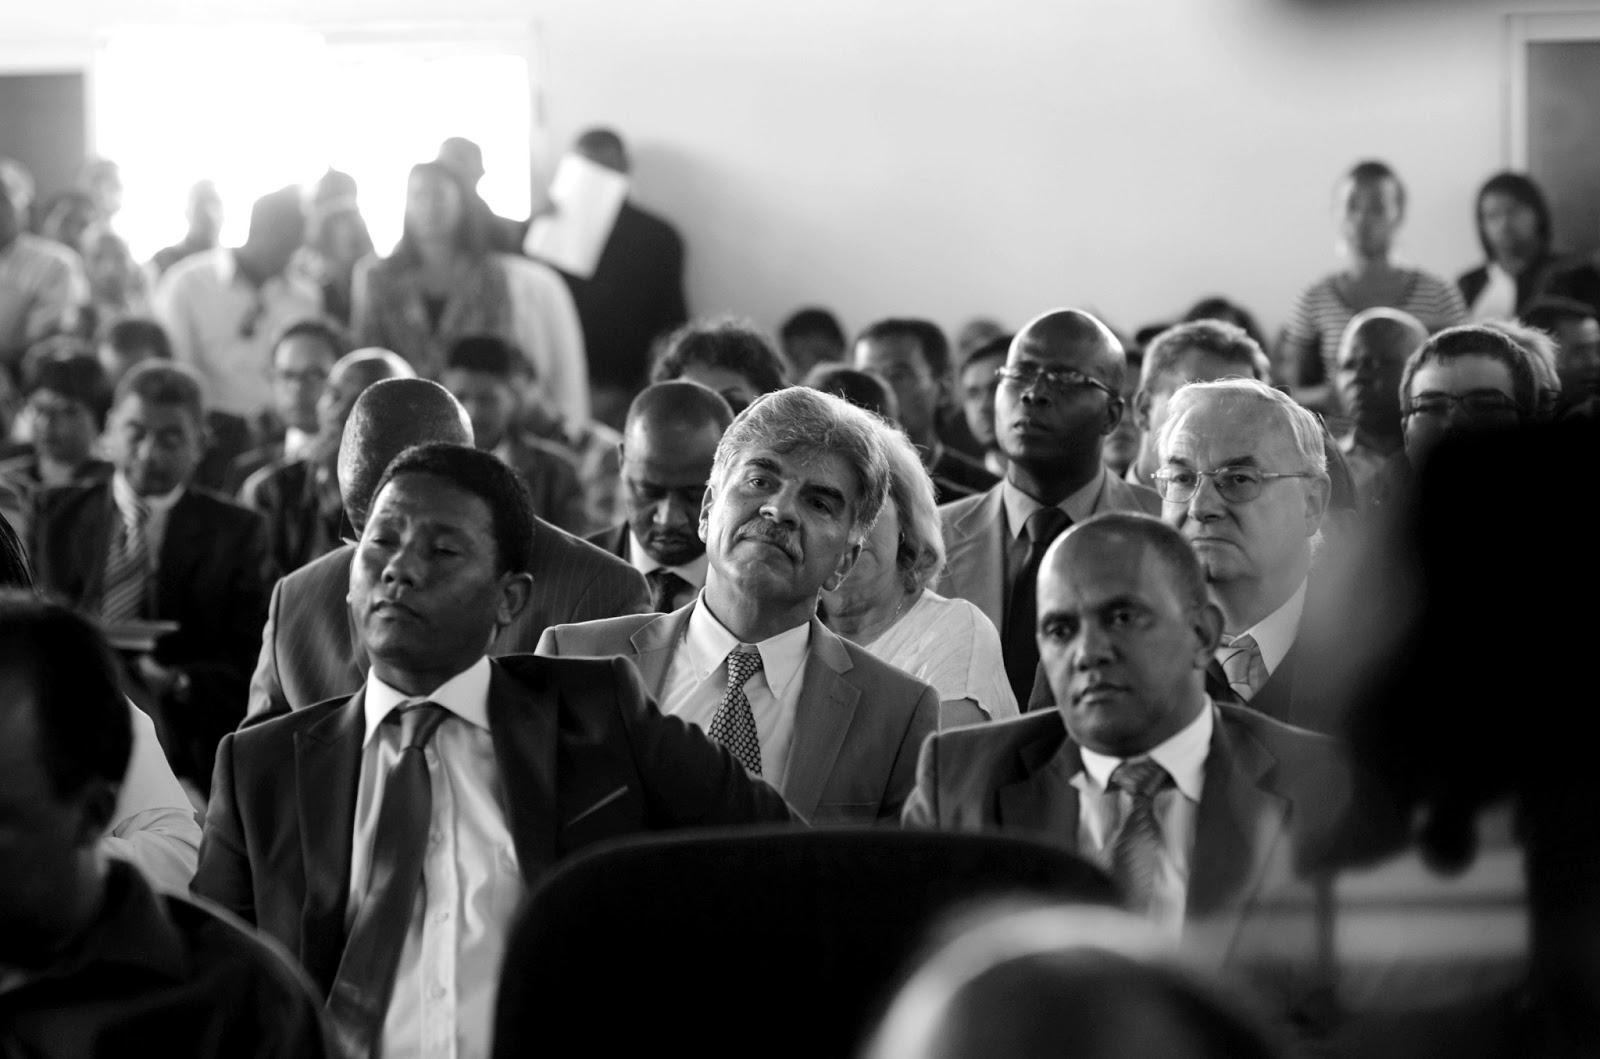 wHO's who? l'élection présidentielle à Madagascar en 18 photos  LTESAPSIDIS+1+NB